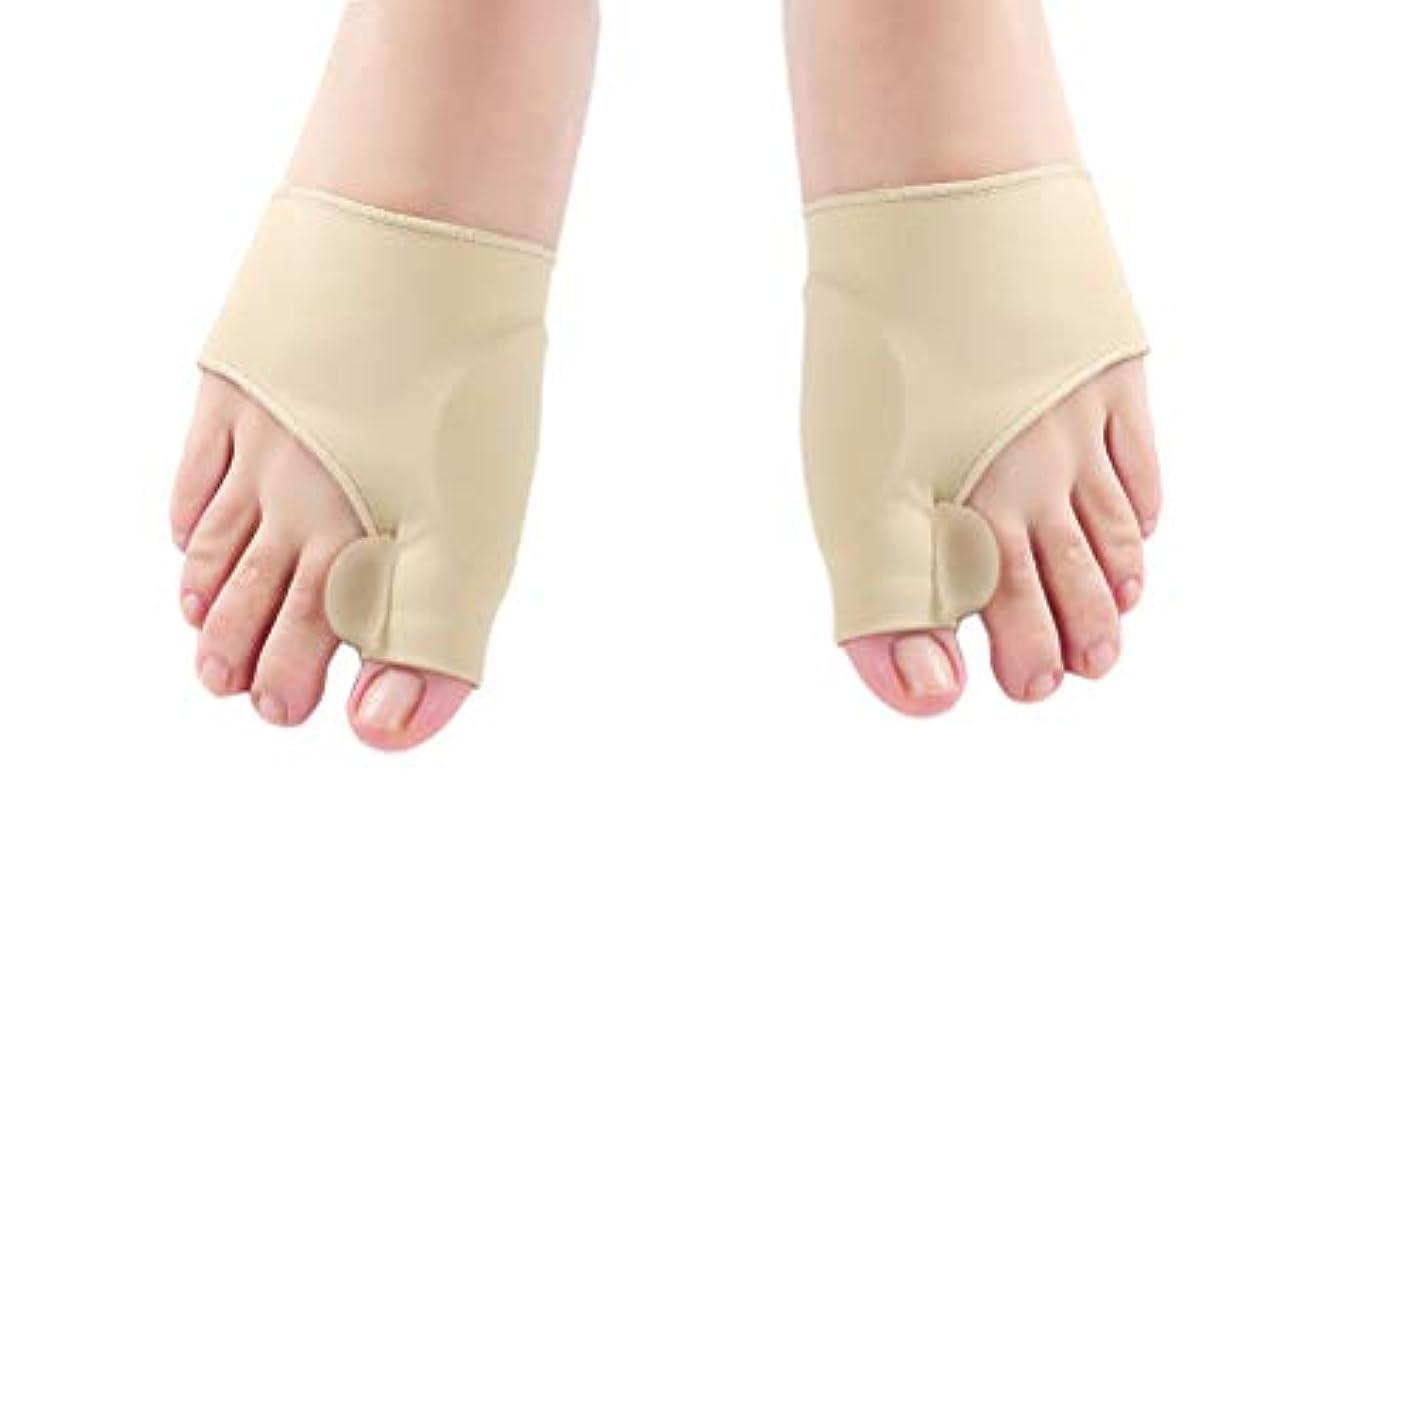 ペックティームリーHealifty un補正器つま先矯正外反母趾矯正器親指整形外科用腱板副木親指分離器鎮痛剤昼夜使用 - サイズs(カーキ)